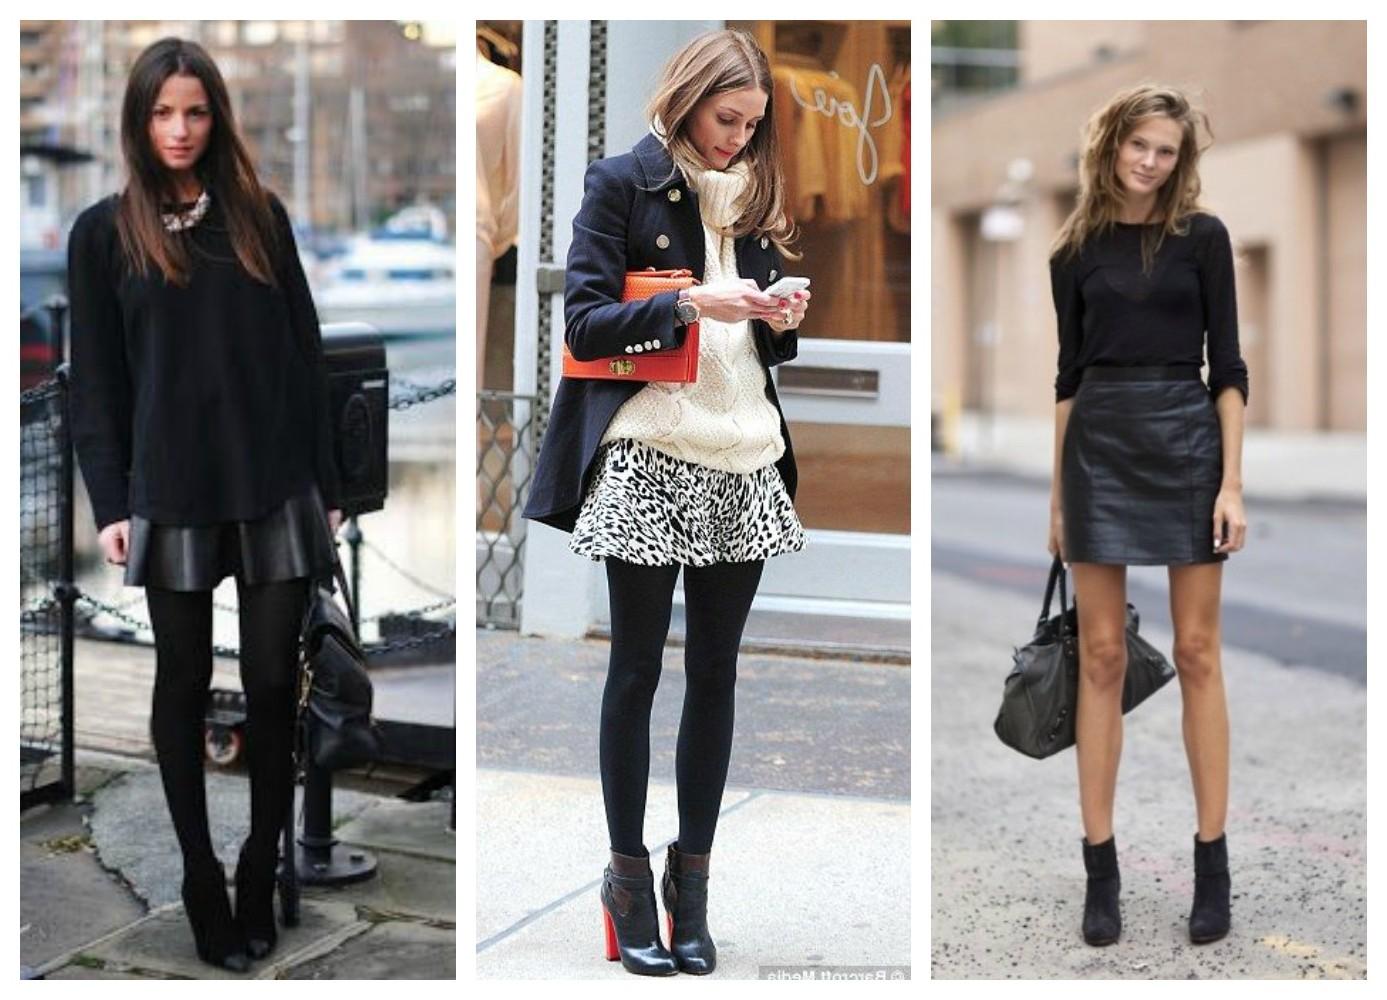 Comment bien porter des bottes de cheville klara bezha - Comment porter des doc martens femme ...